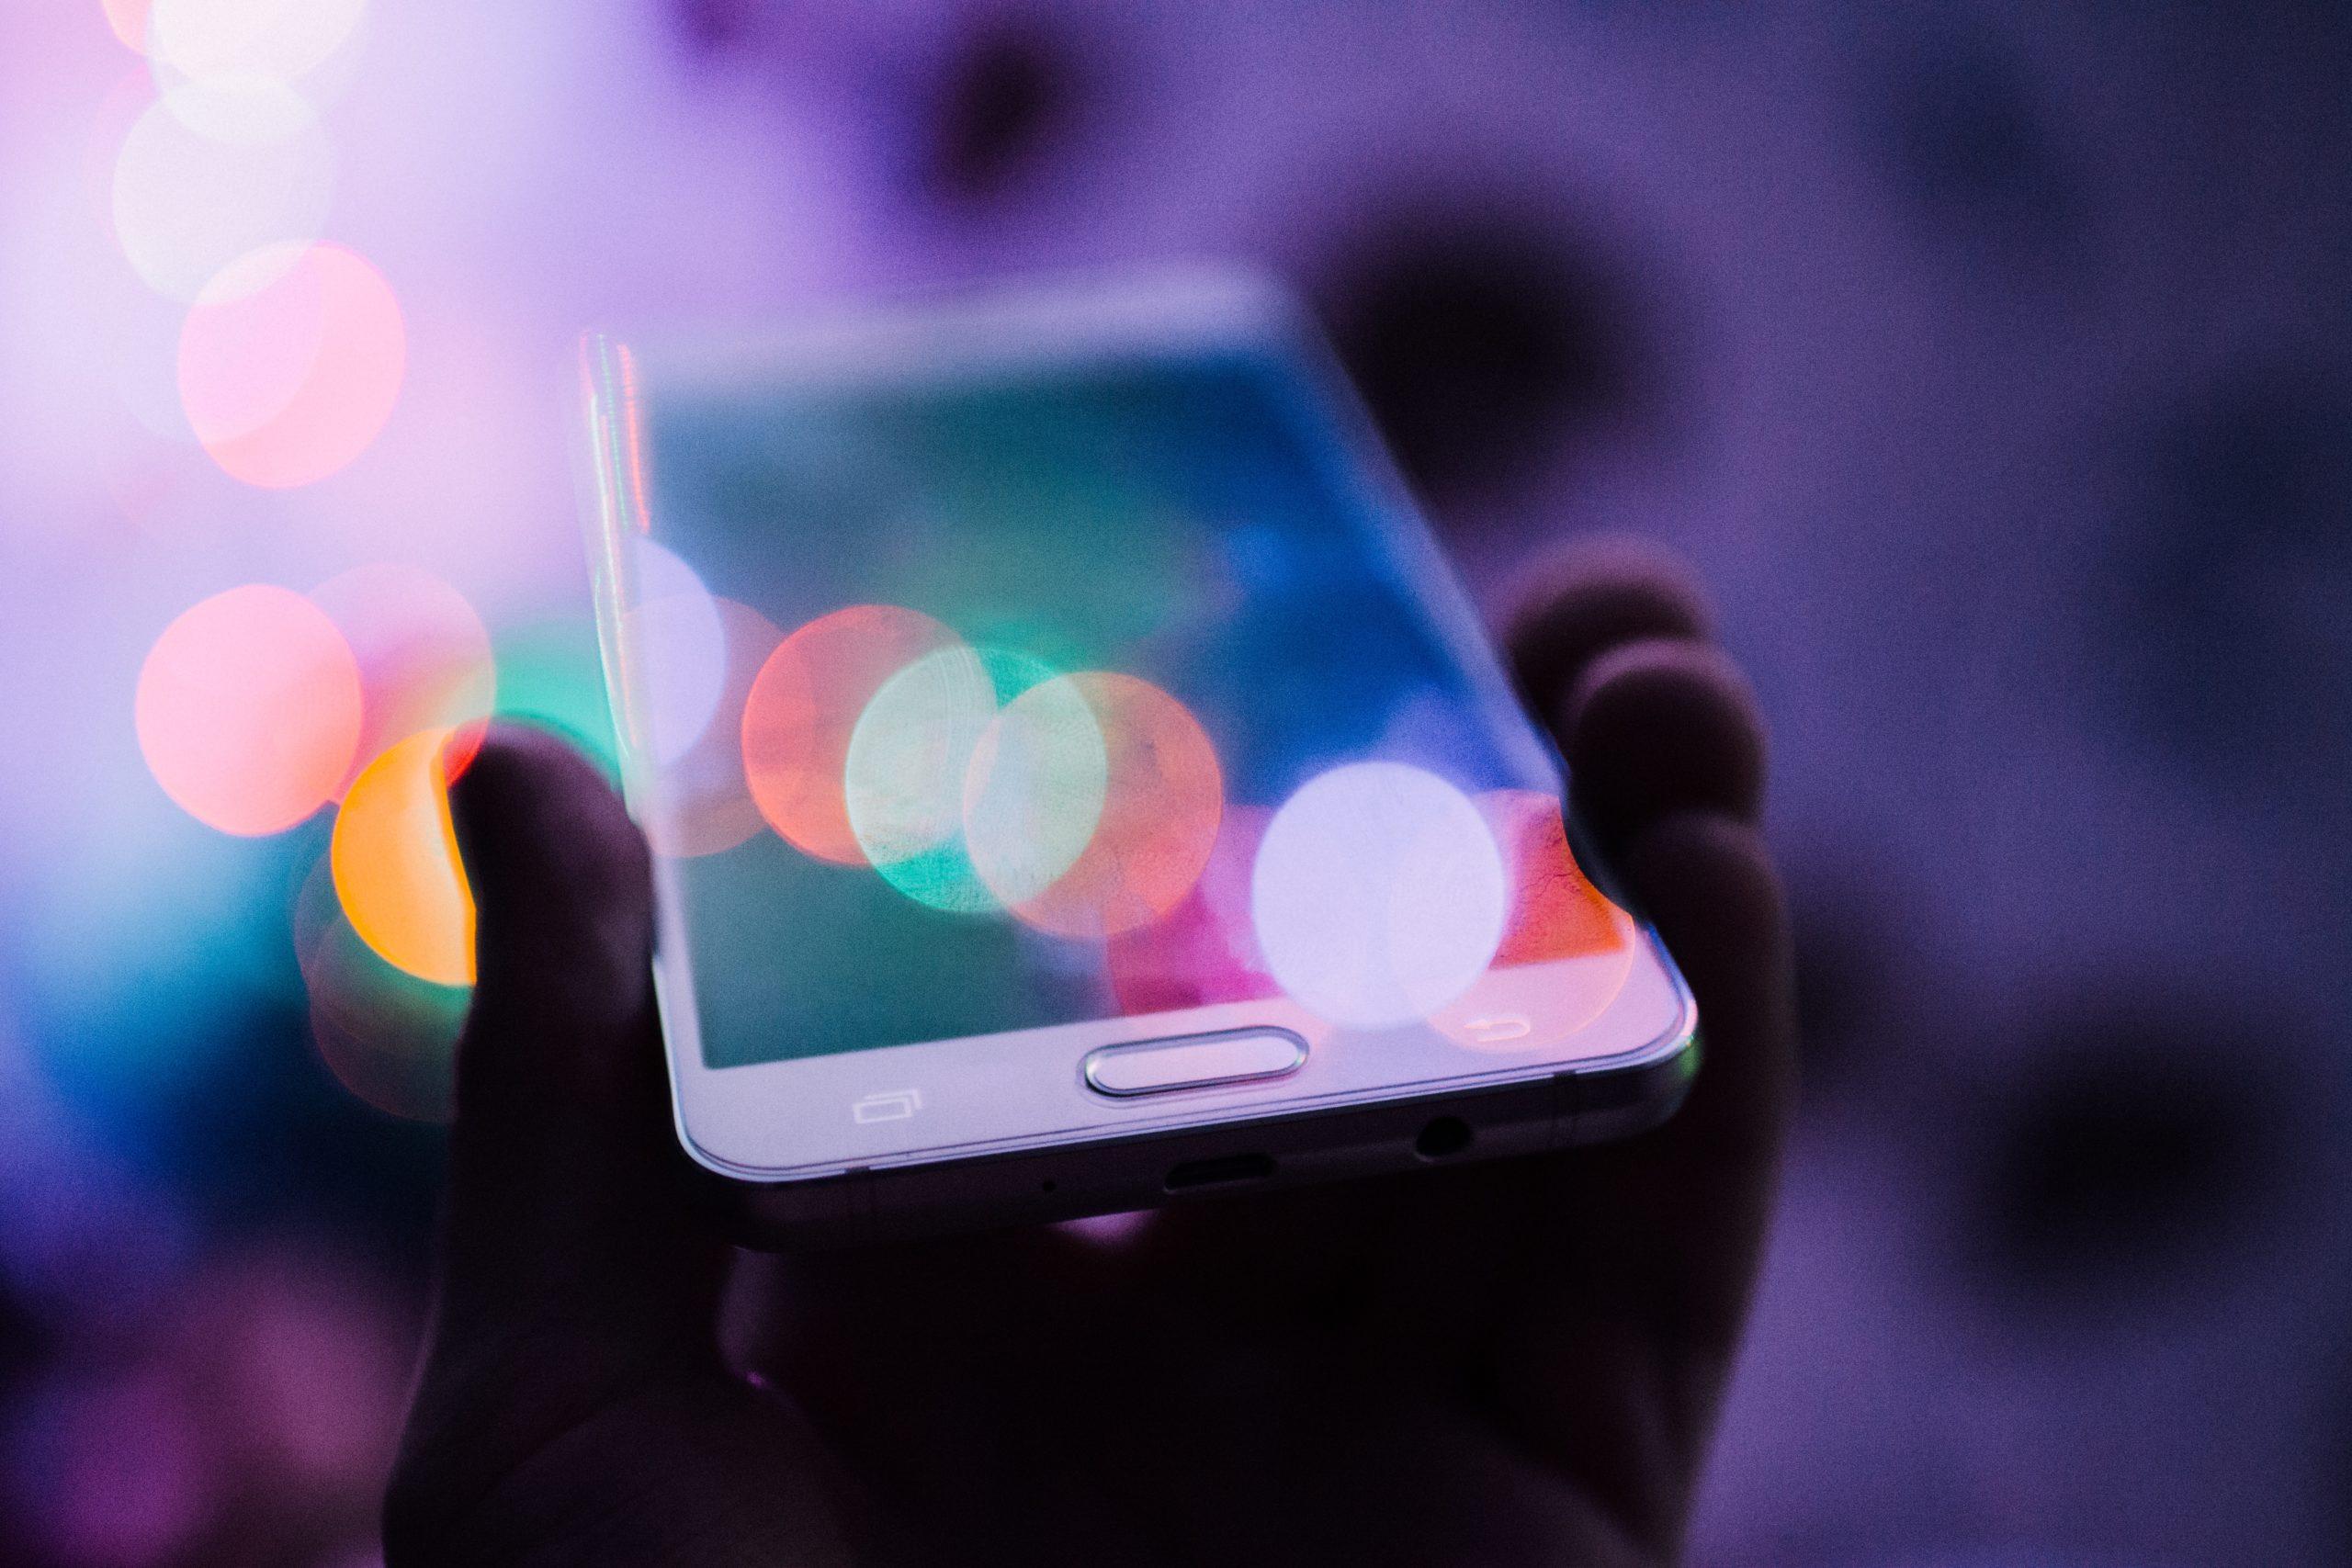 RGB(アールジービー)を説明するためのスマートフォン画面